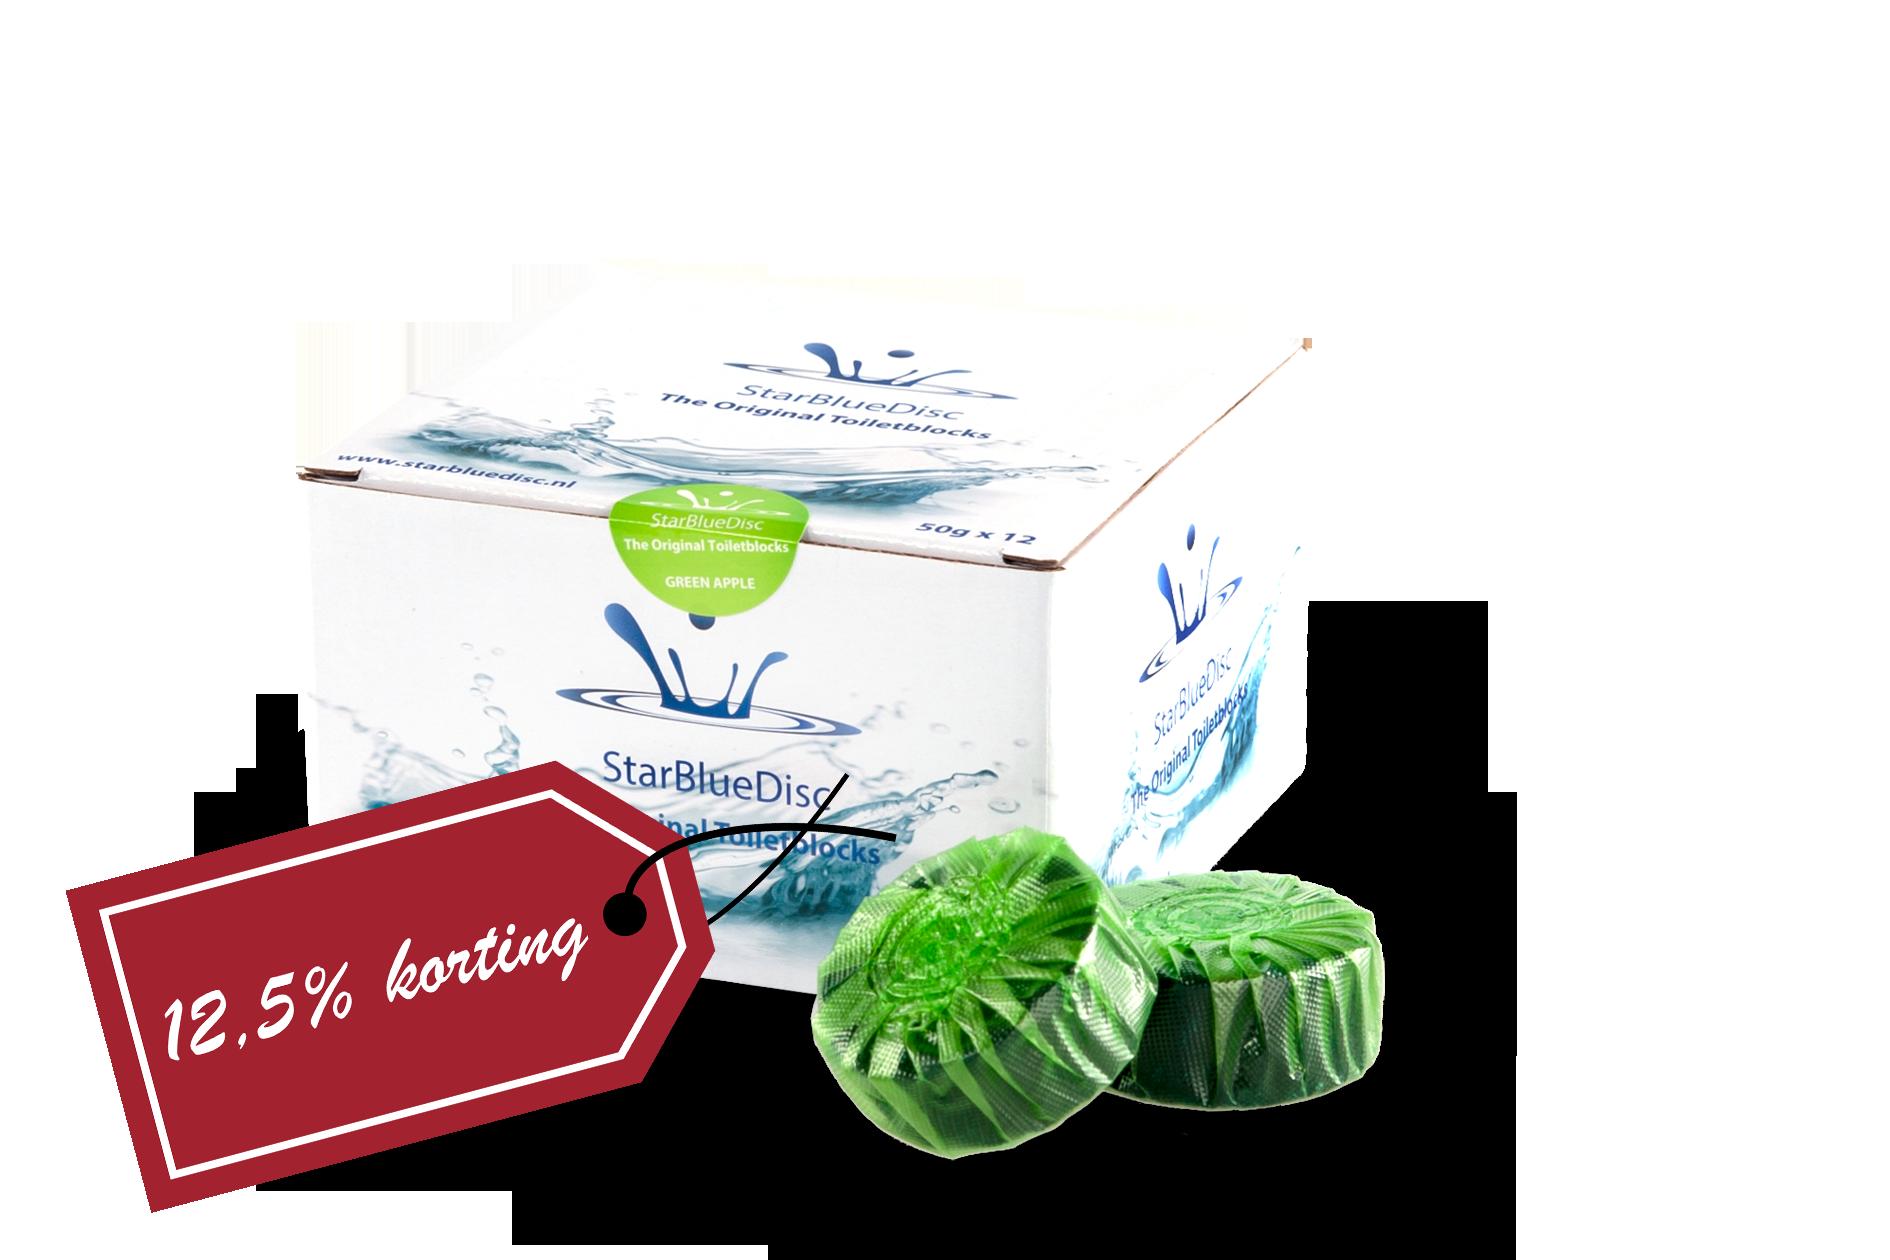 6x Halfjaar verpakking Toiletblokjes Groen<br>!! Nu 10% korting !!